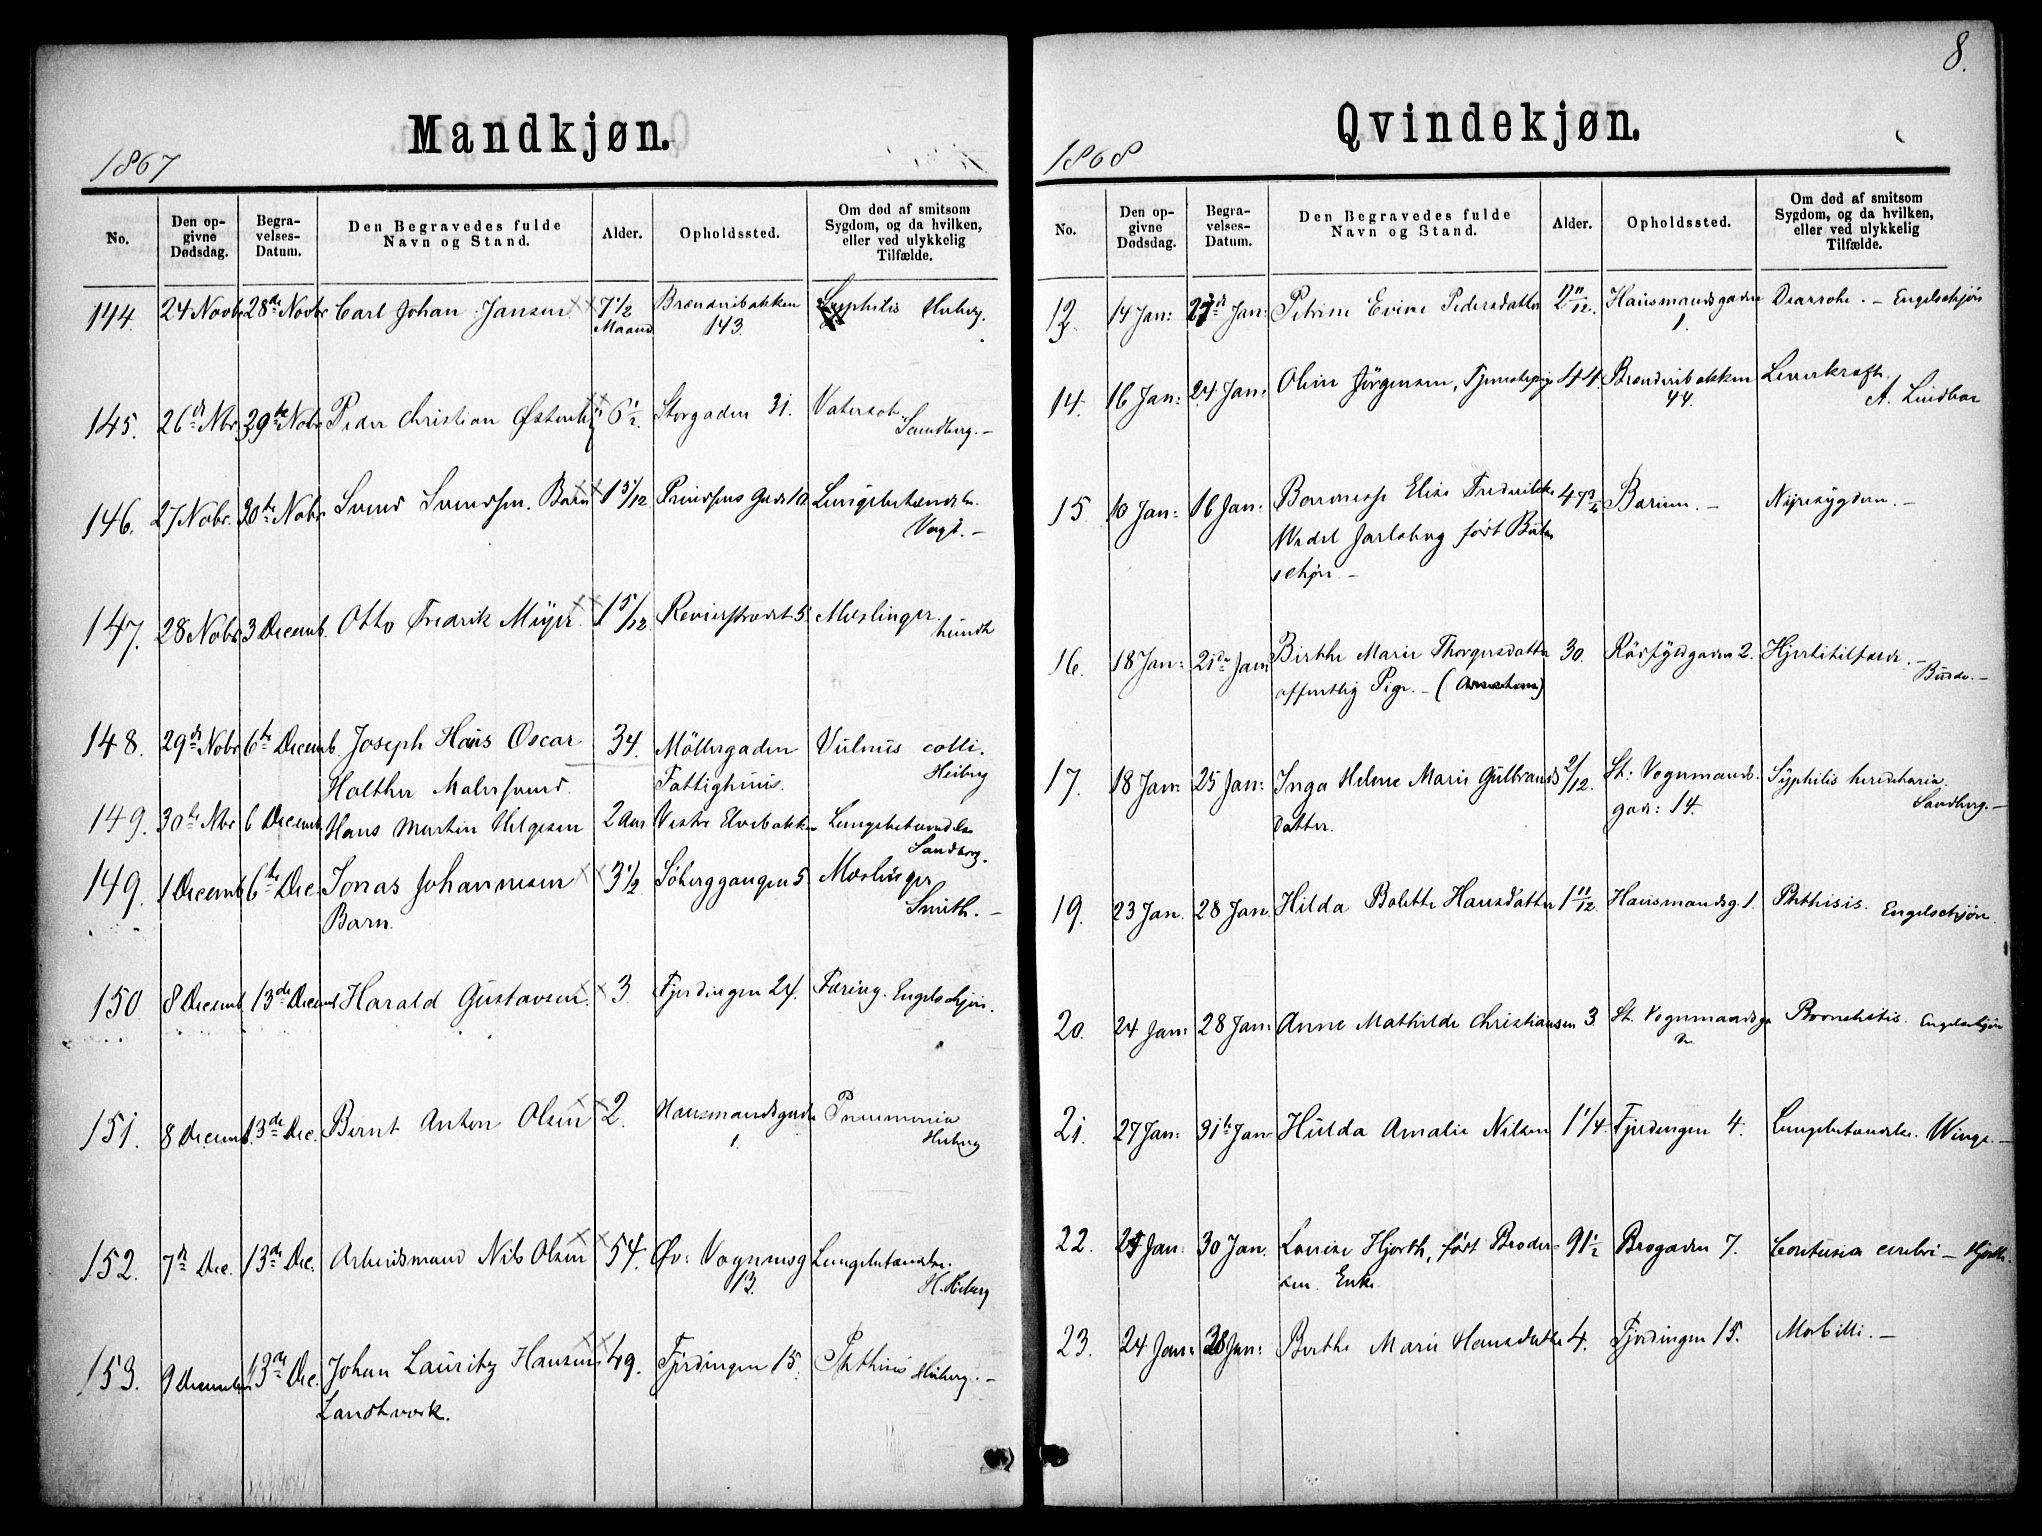 SAO, Oslo domkirke Kirkebøker, F/Fa/L0026: Ministerialbok nr. 26, 1867-1884, s. 8